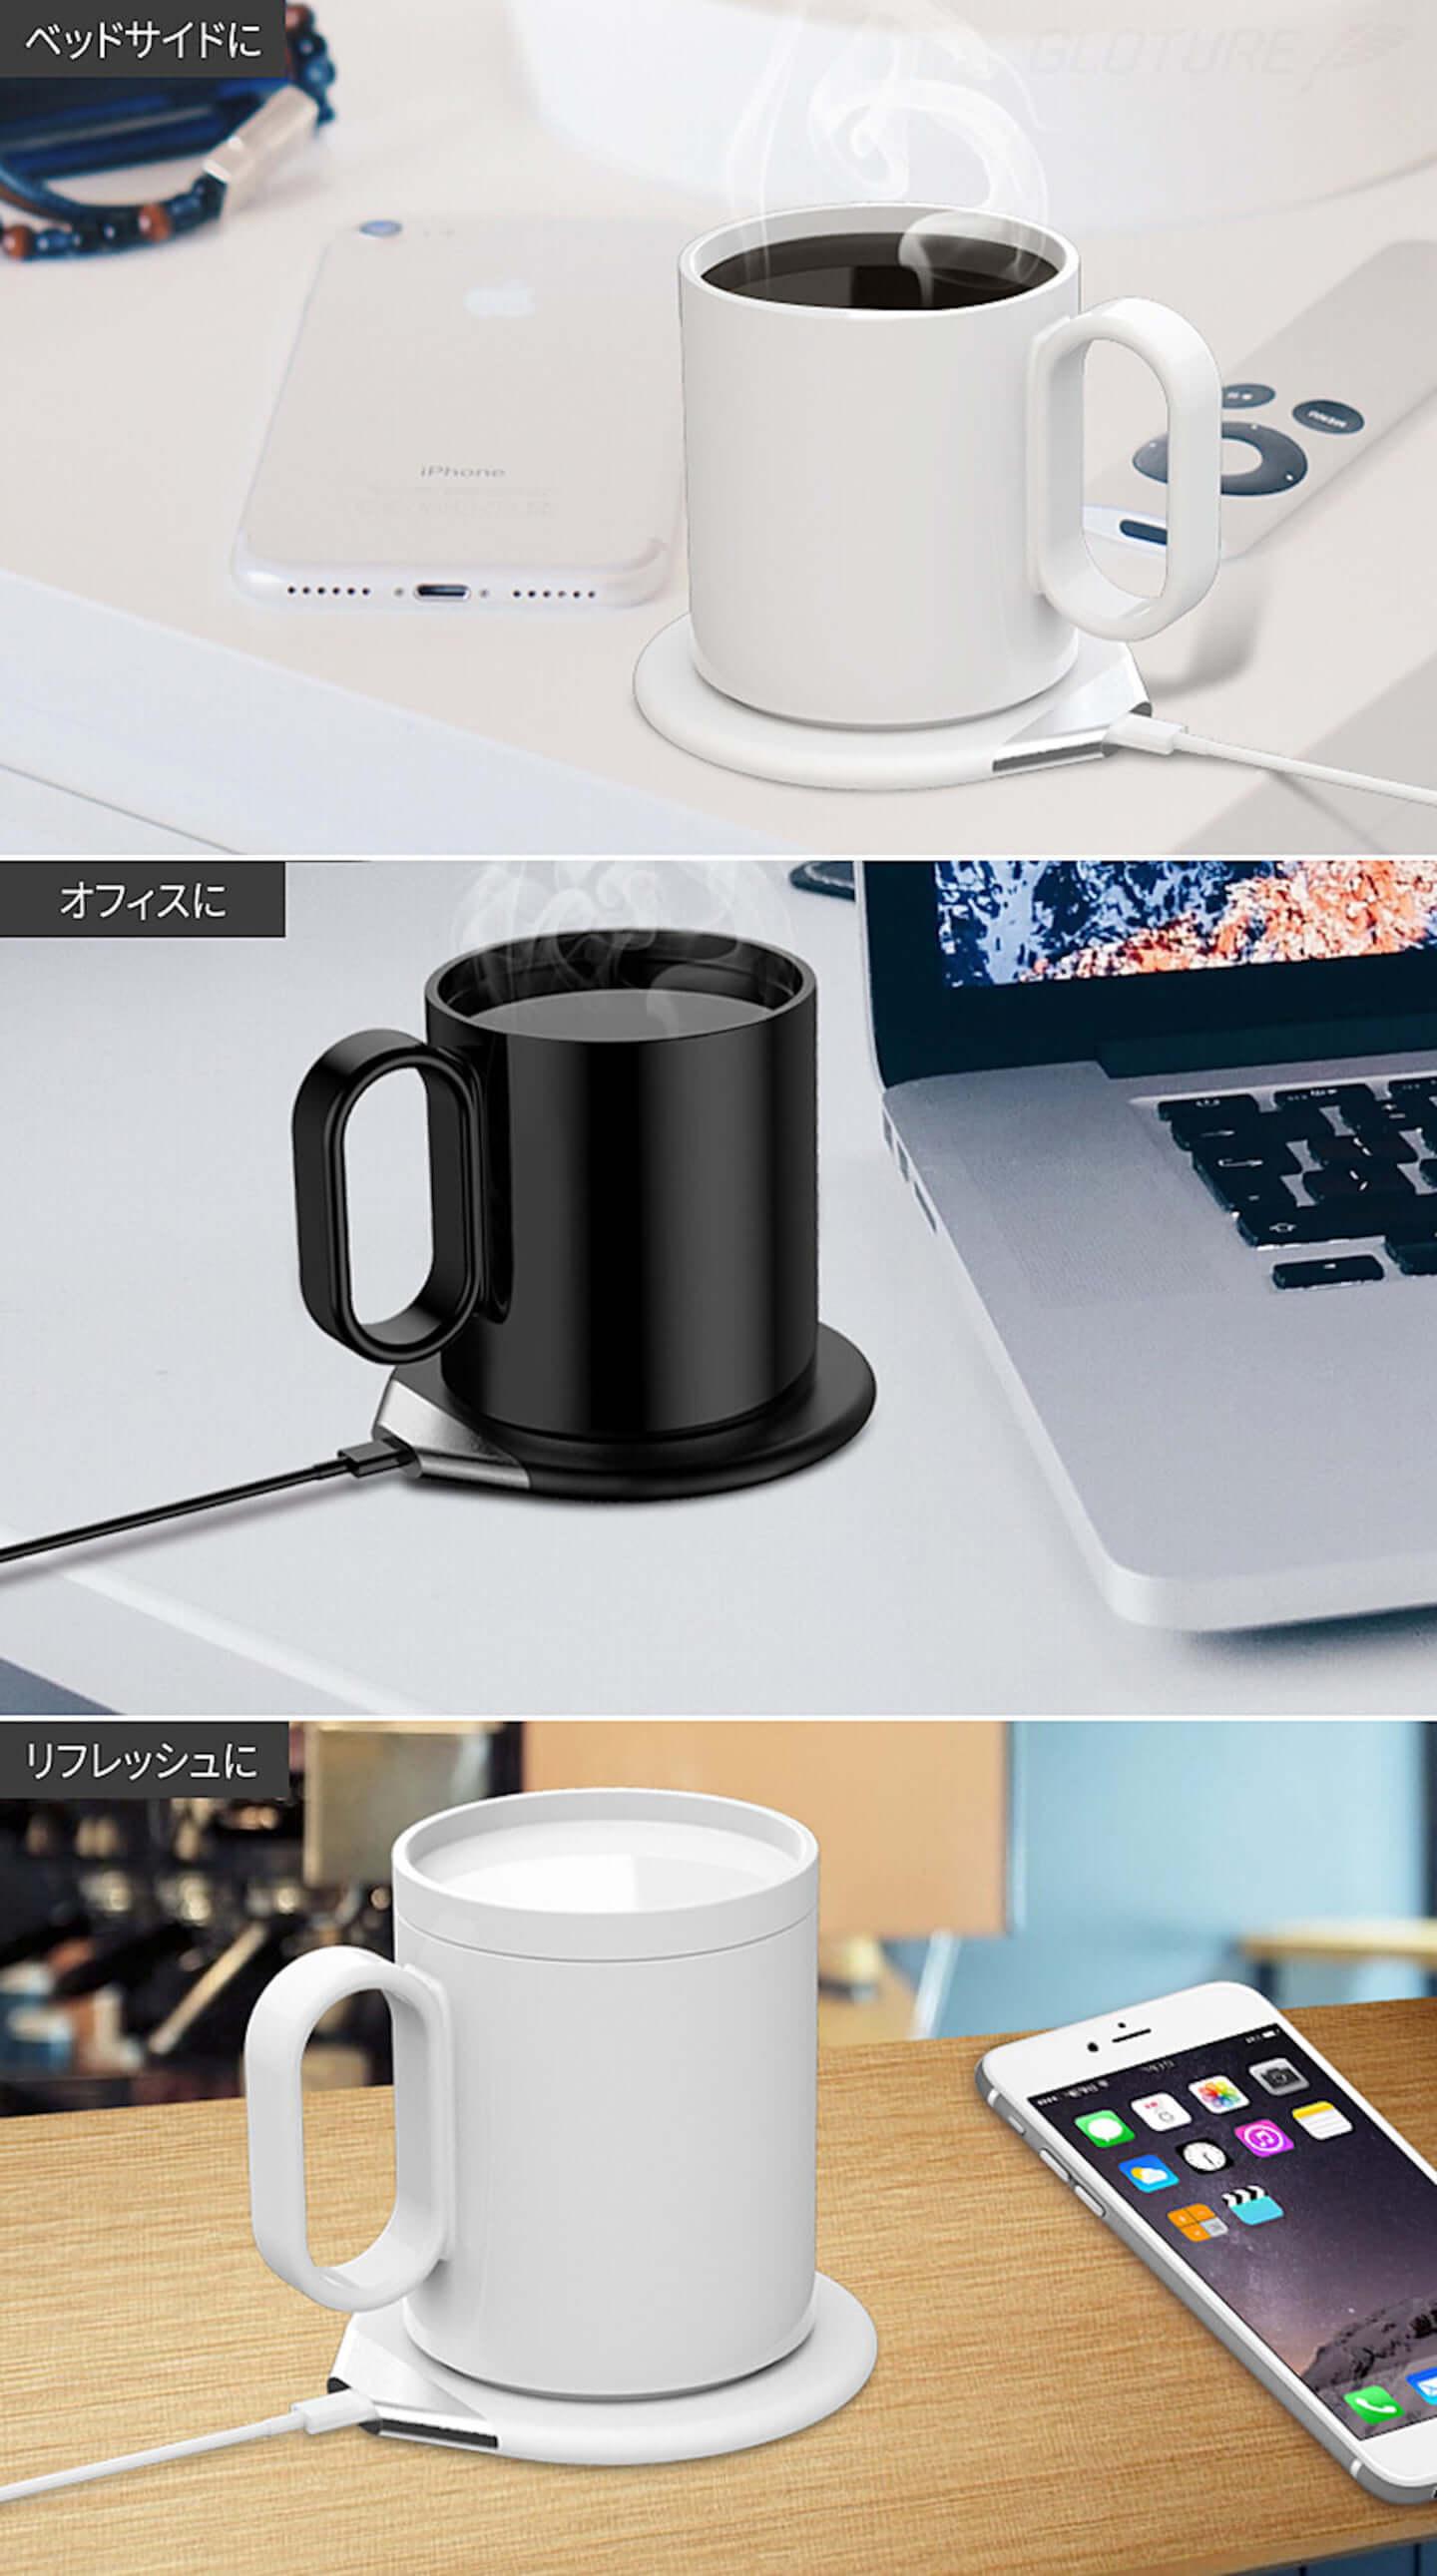 飲み物保温とワイヤレス充電ができちゃう…!?ハイテクマグカップWarm Mugが発売 lifefashion191106_warmmug_12-1440x2582